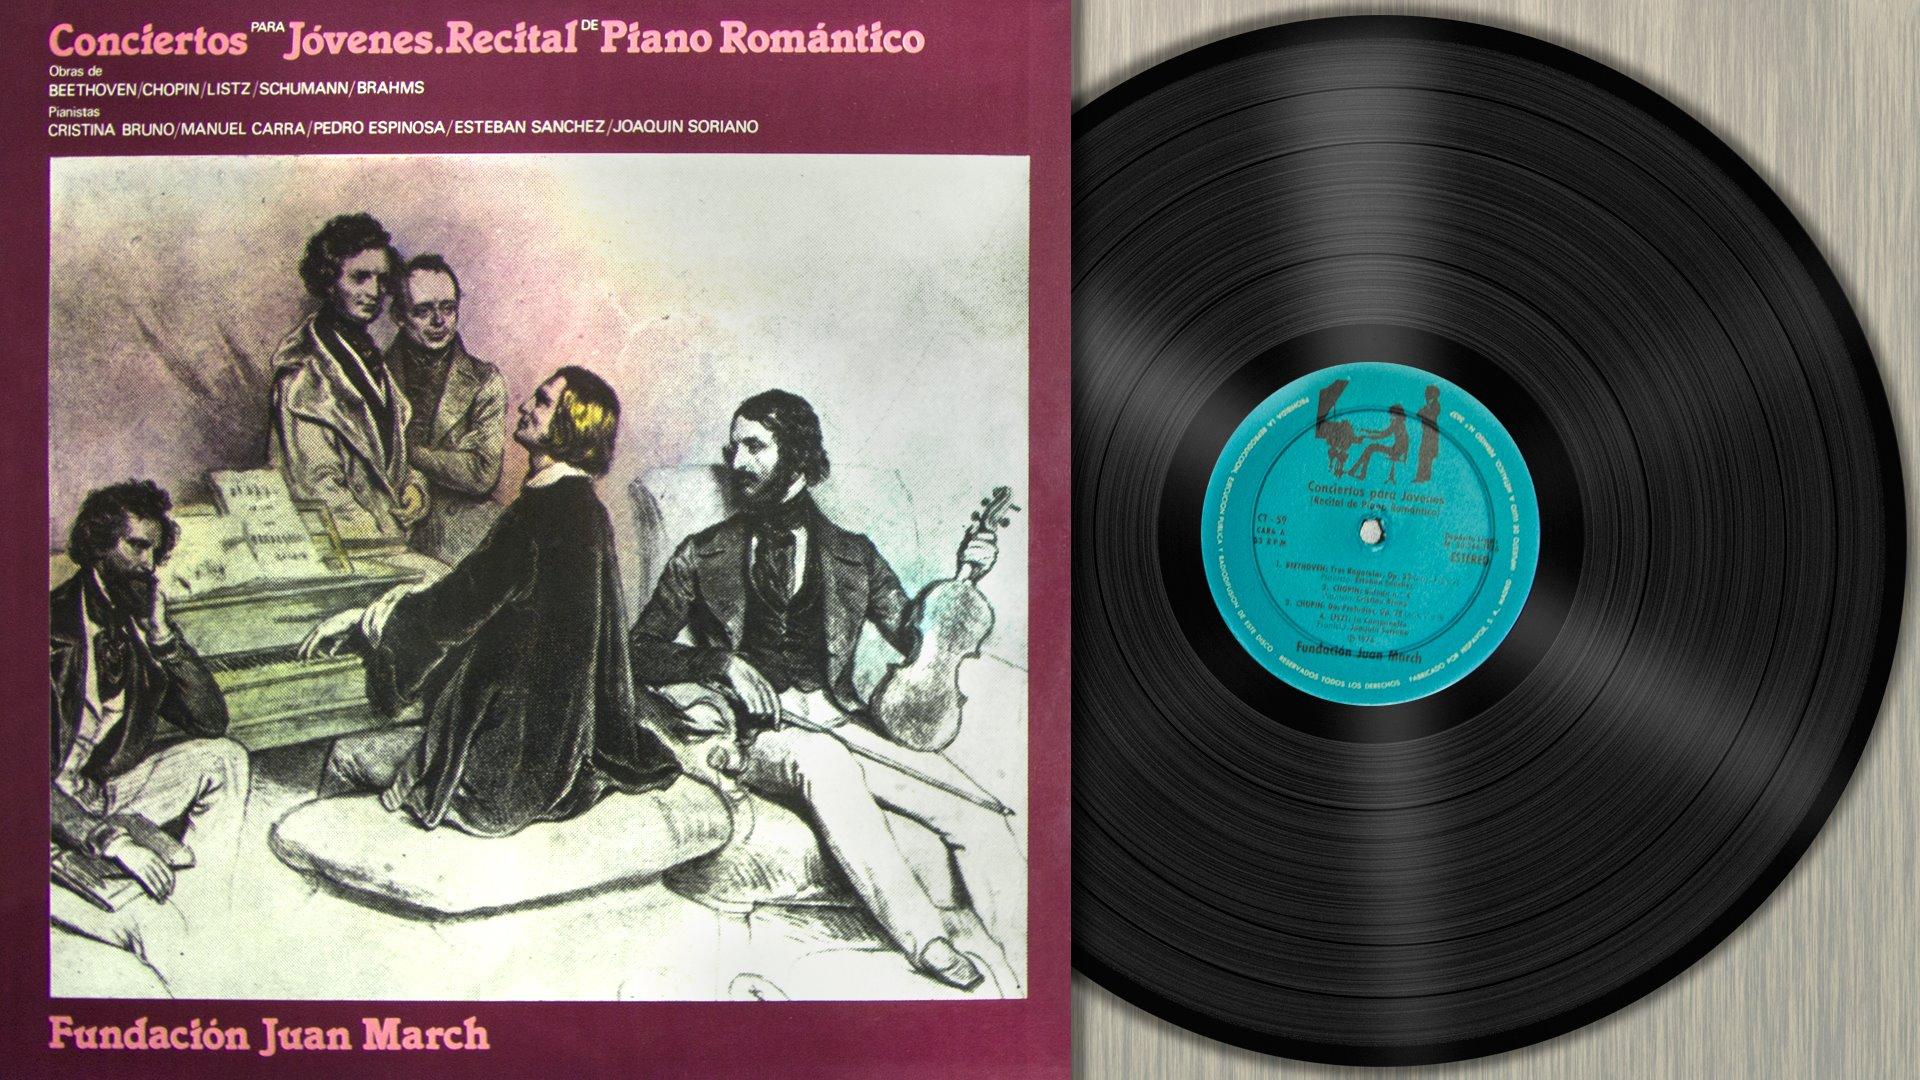 Grabaciones históricas de pianistas españoles